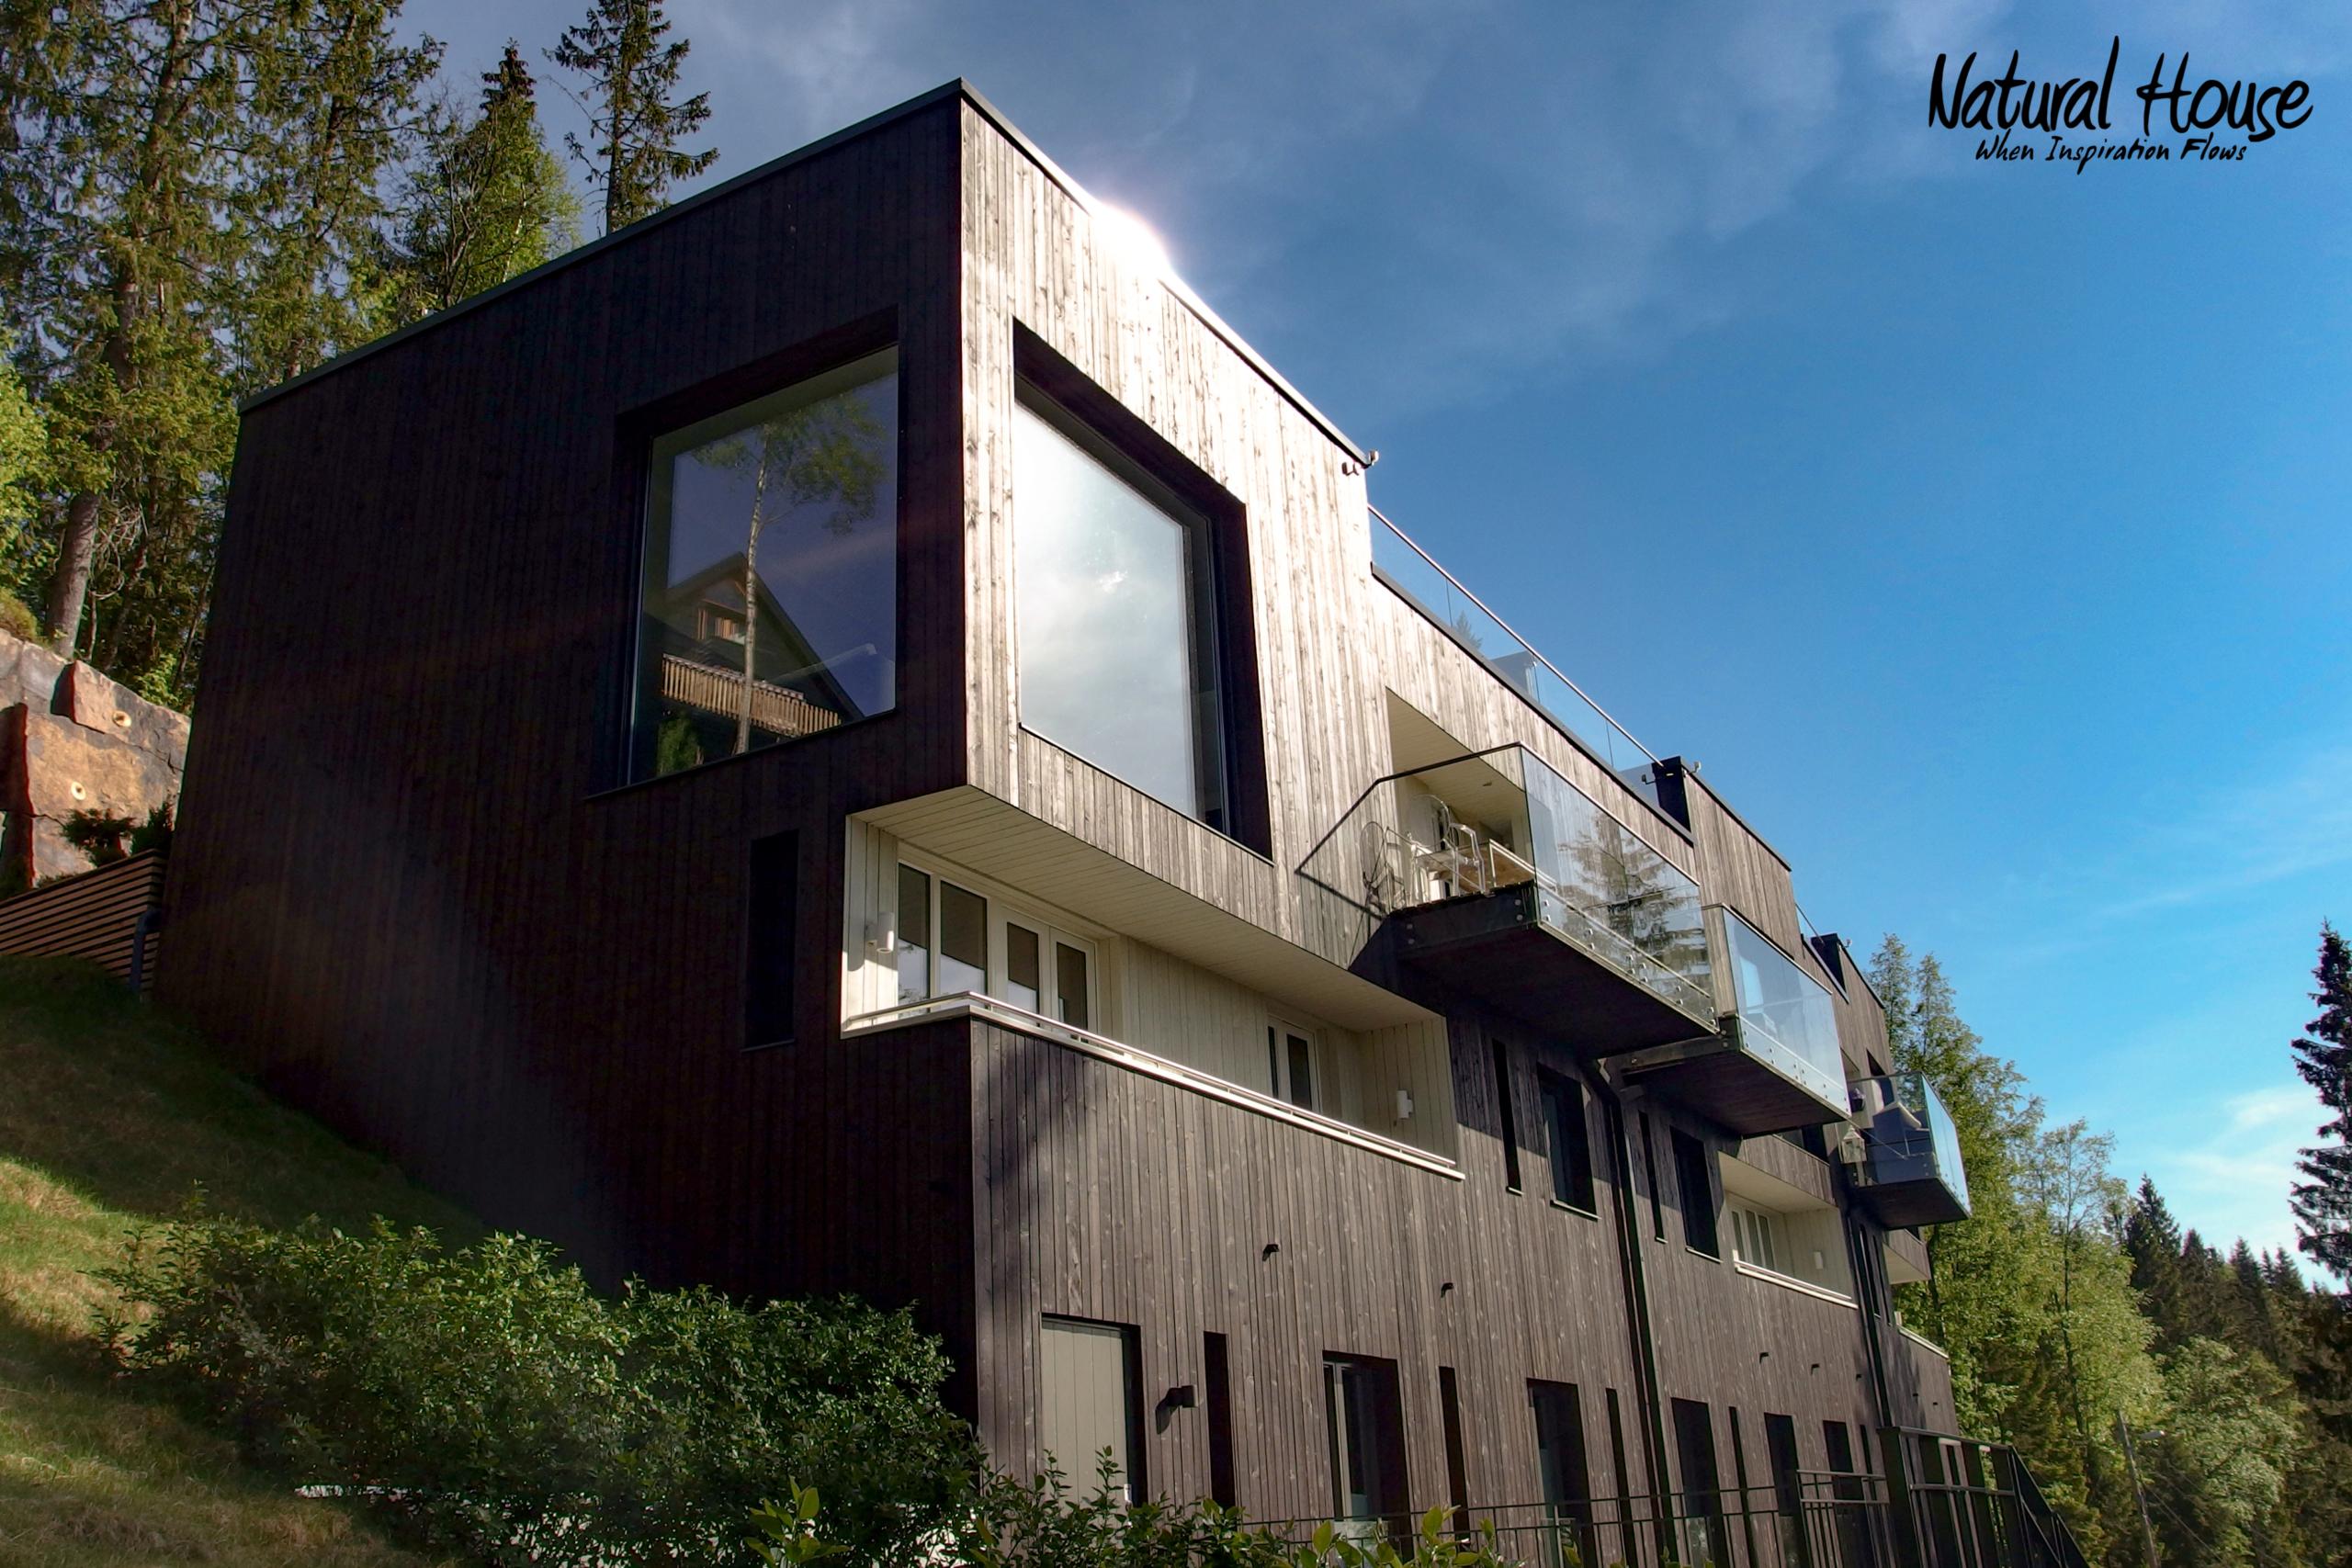 ökonoomne - puhas - loodus - moderne - passivmaja - paarismaja - naturalhouse - luksus